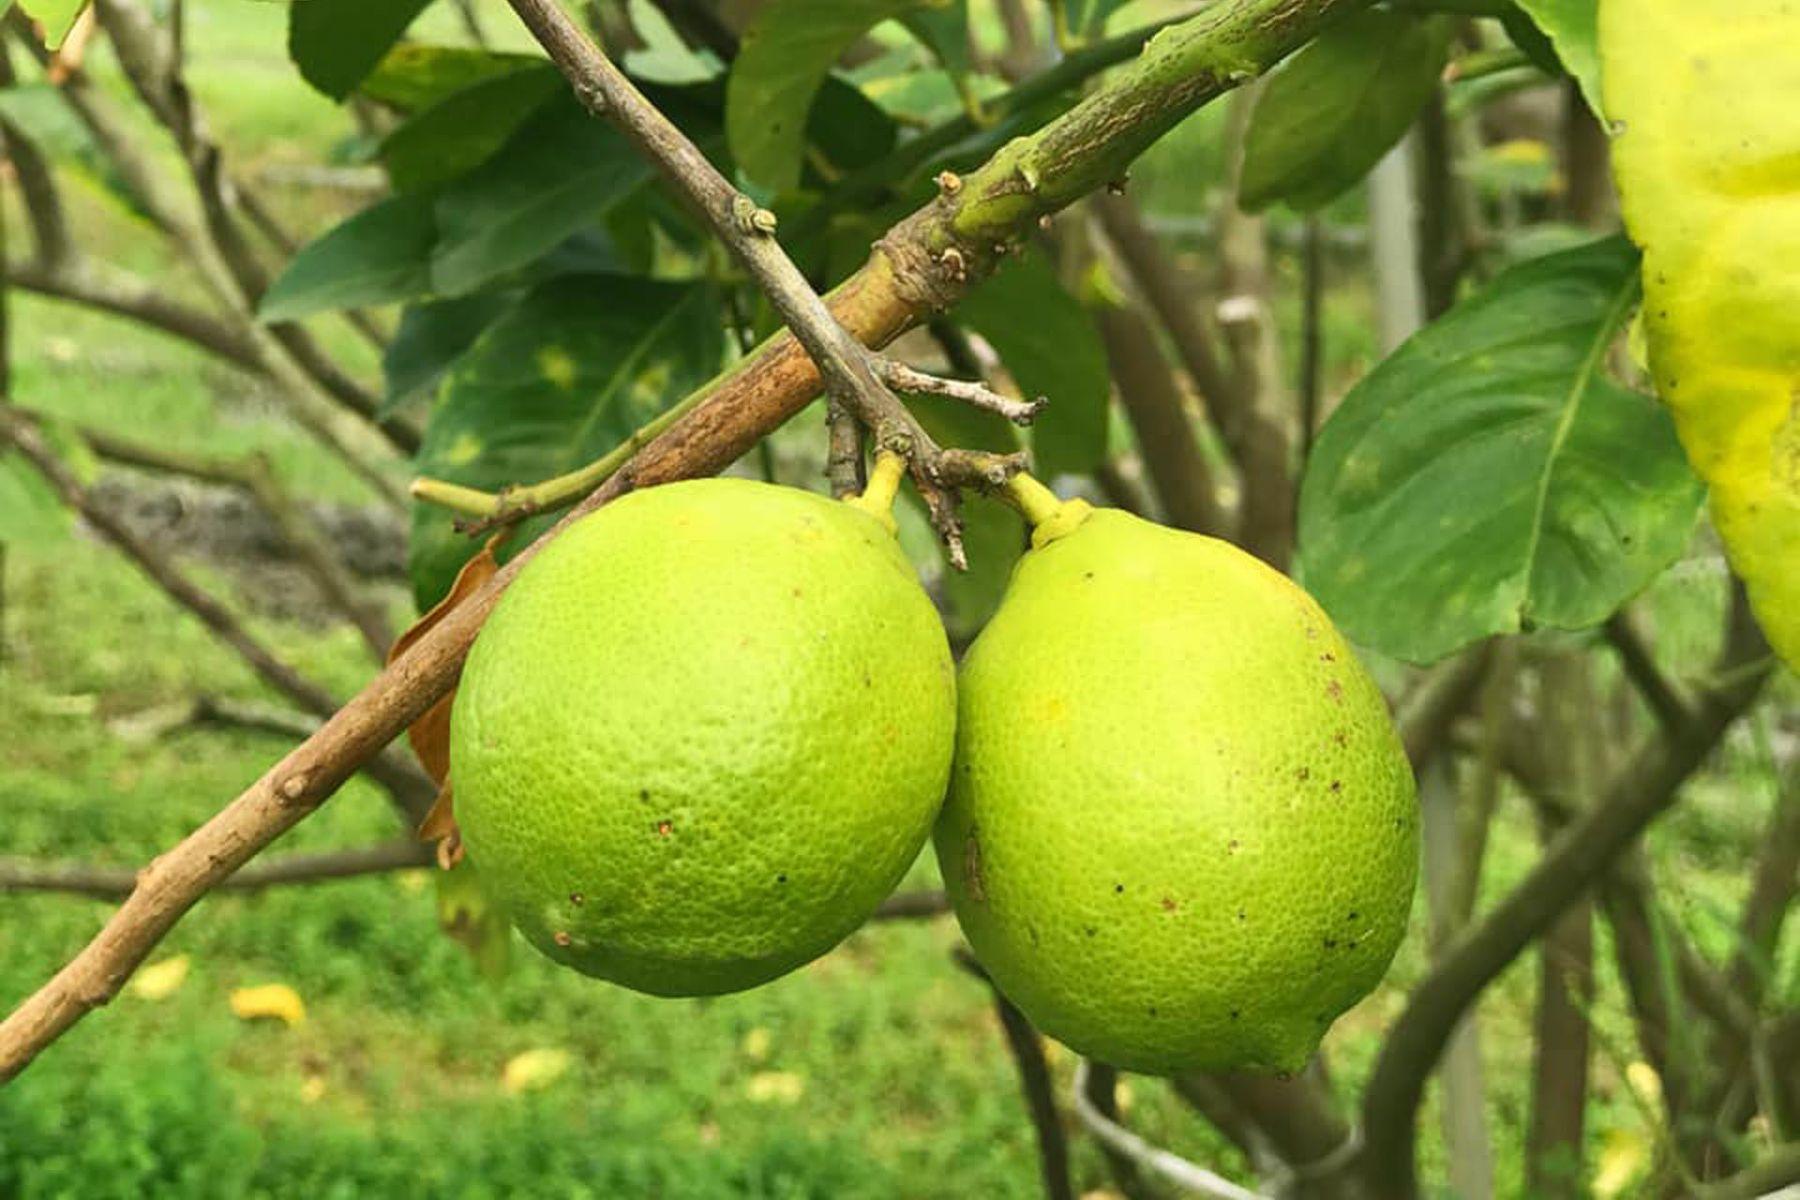 我們多做一點,土地的負擔就少一點...你不知道的檸檬經濟奇蹟